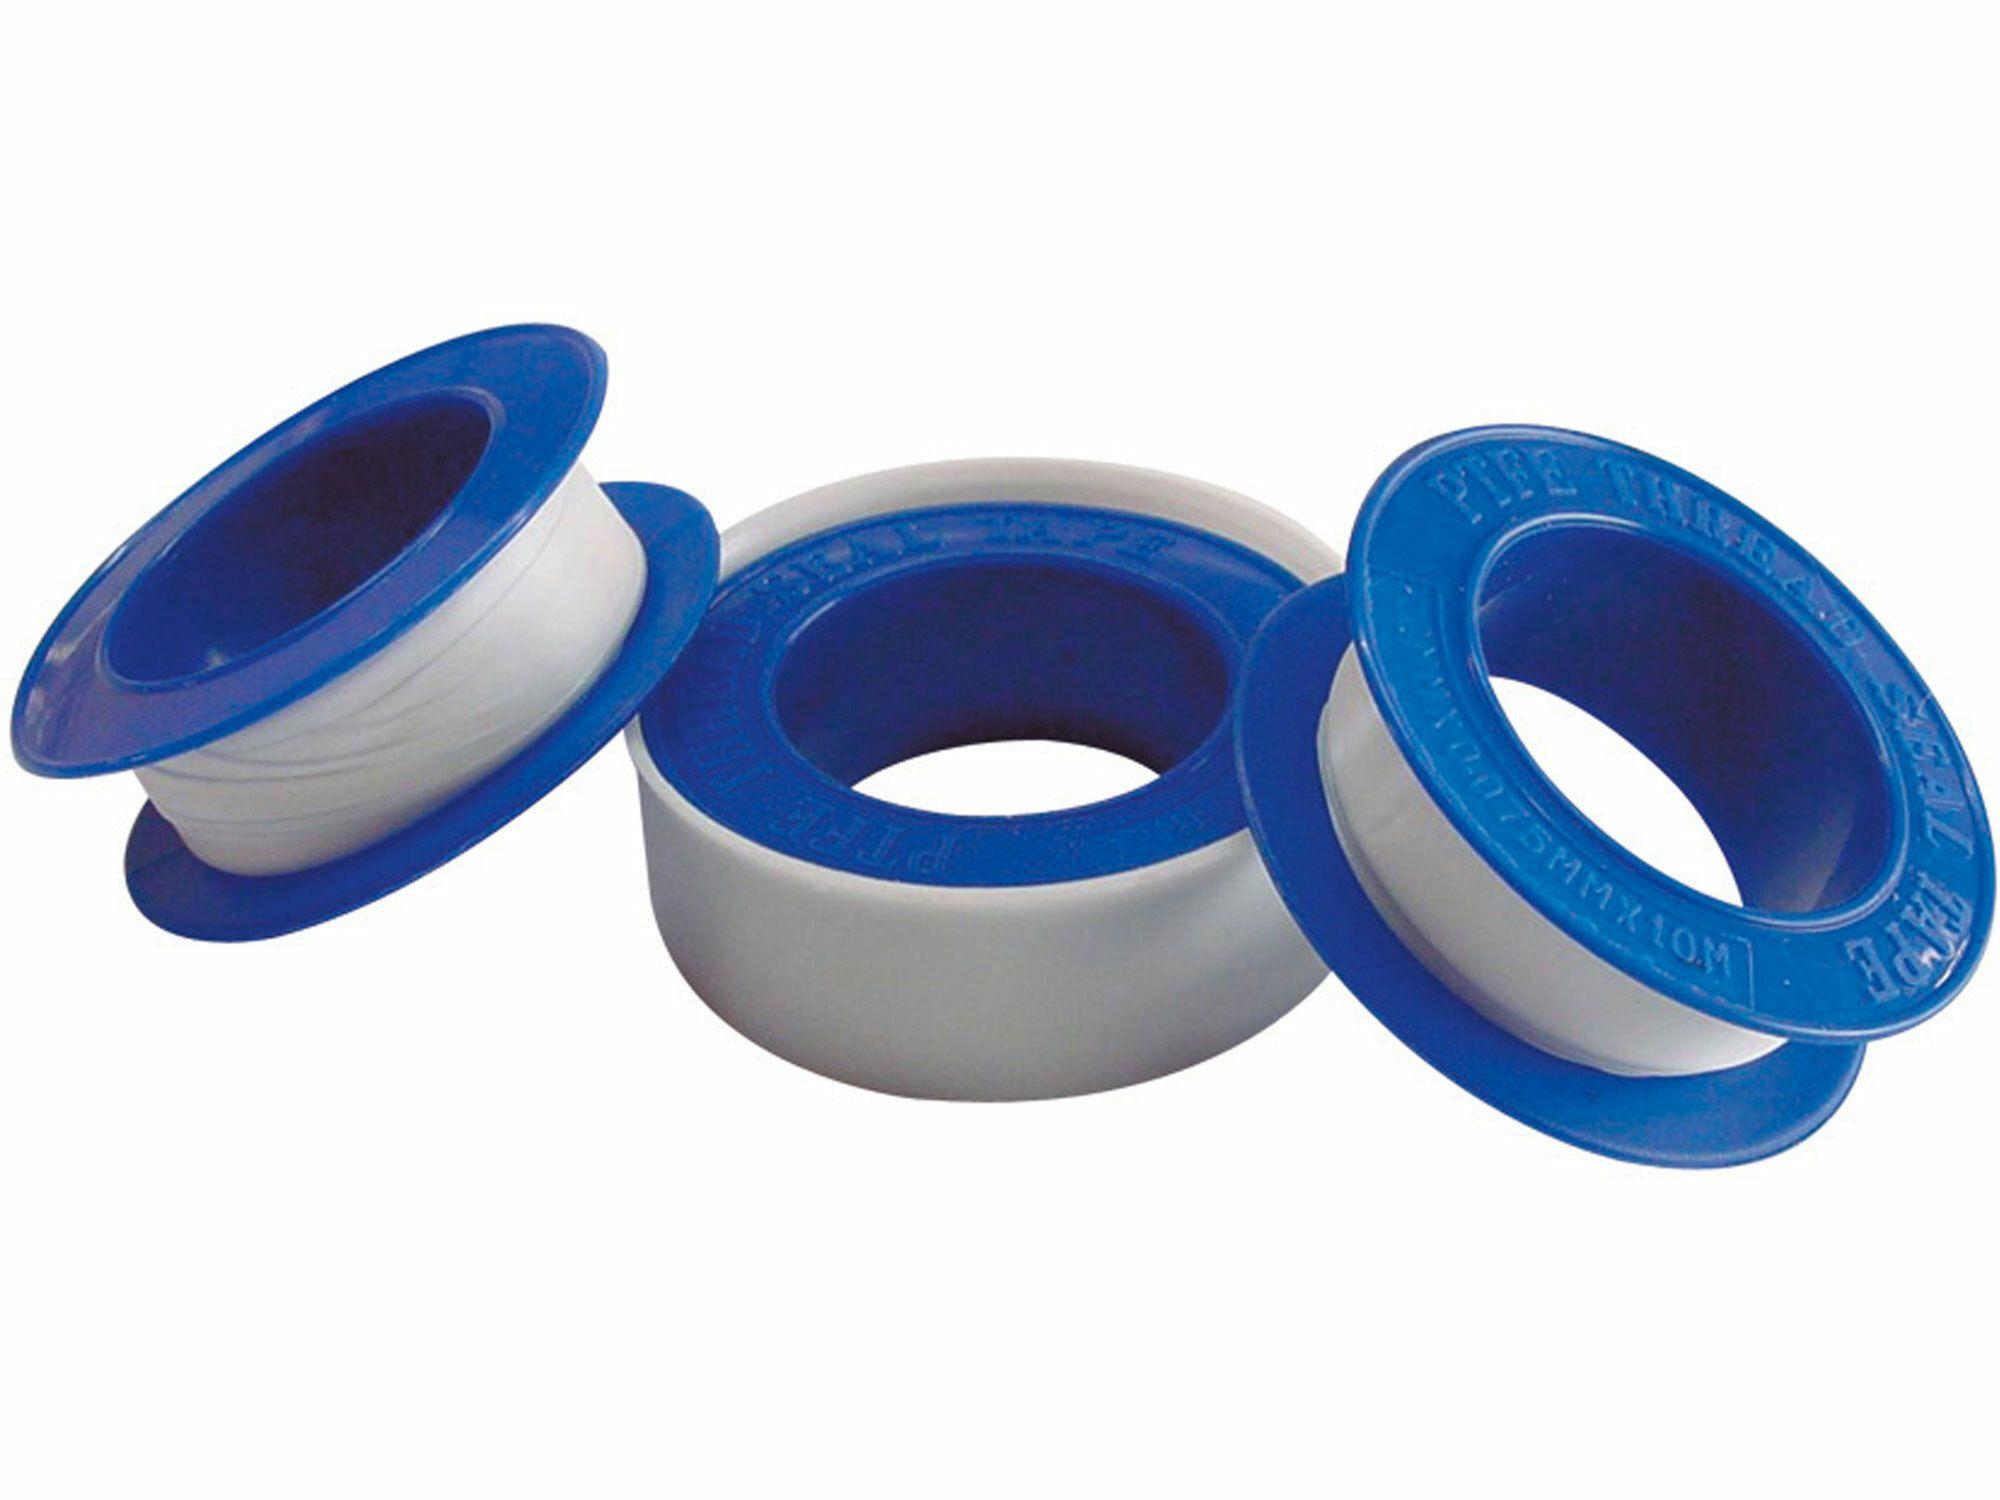 Teflonové izolační pásky, sada 3ks, 12mm x 10m, tloušťka 0,075mm EXTOL-CRAFT